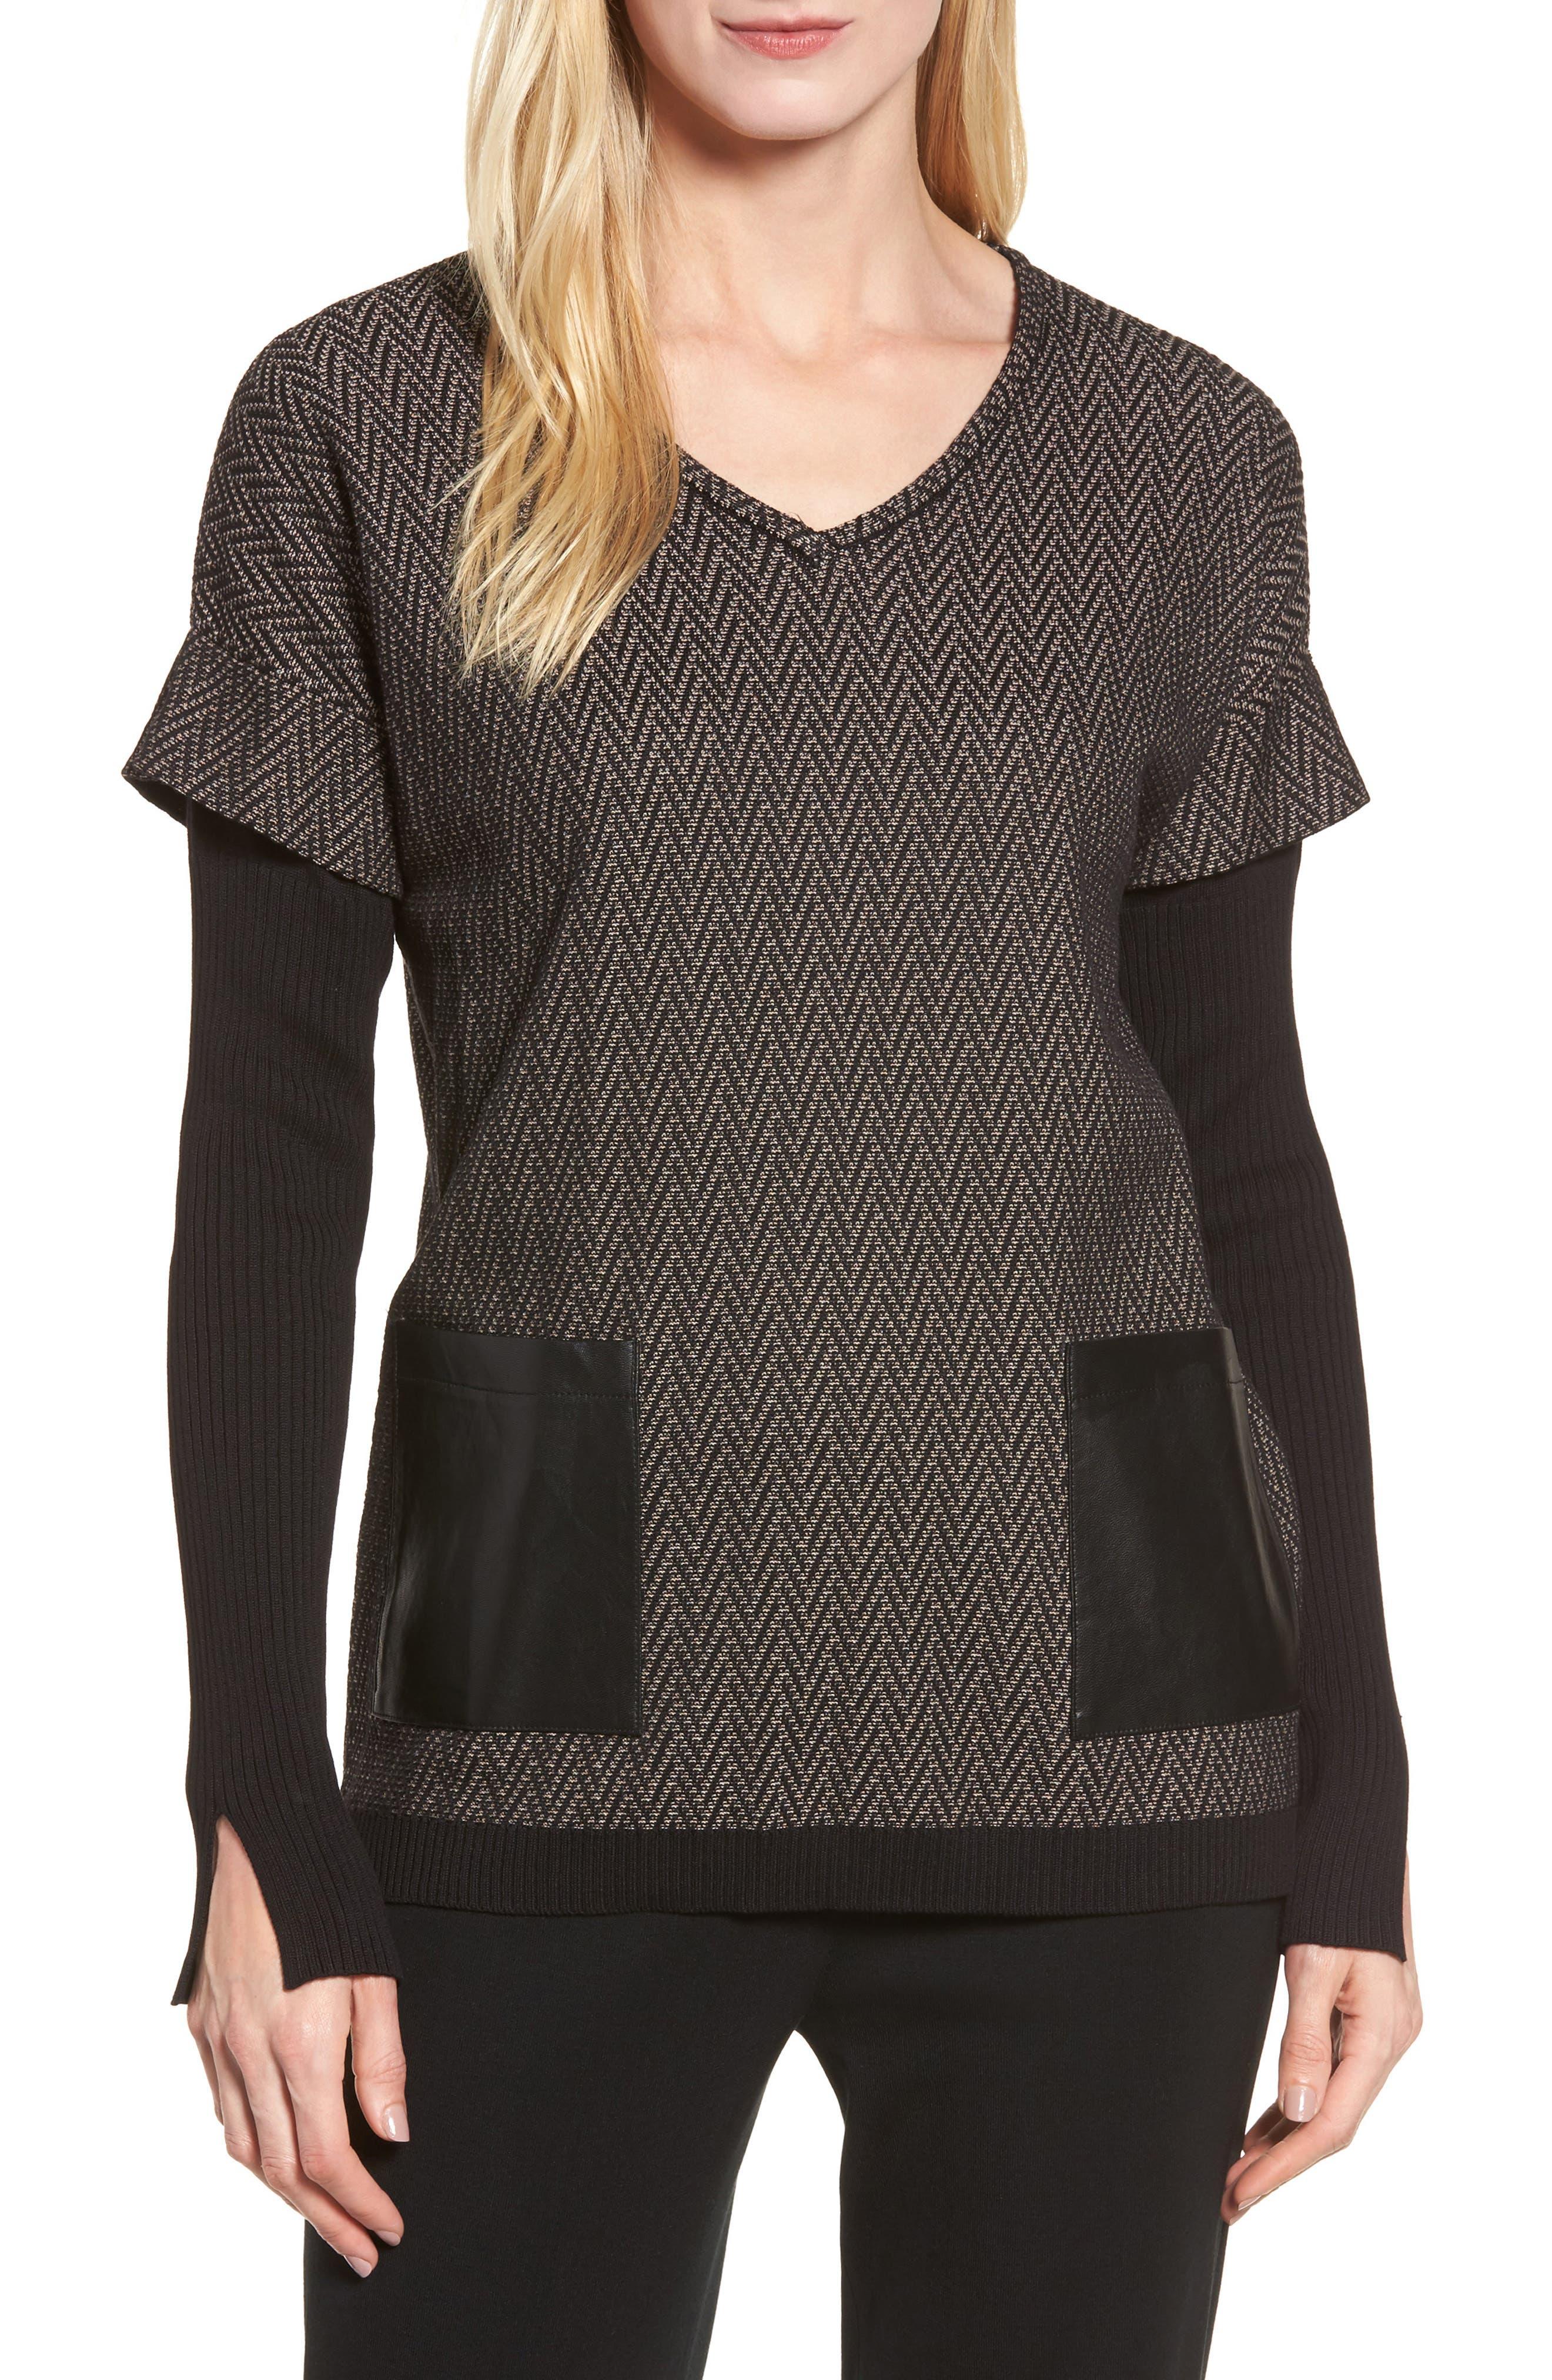 Main Image - Ming Wang Layered Look Sweater